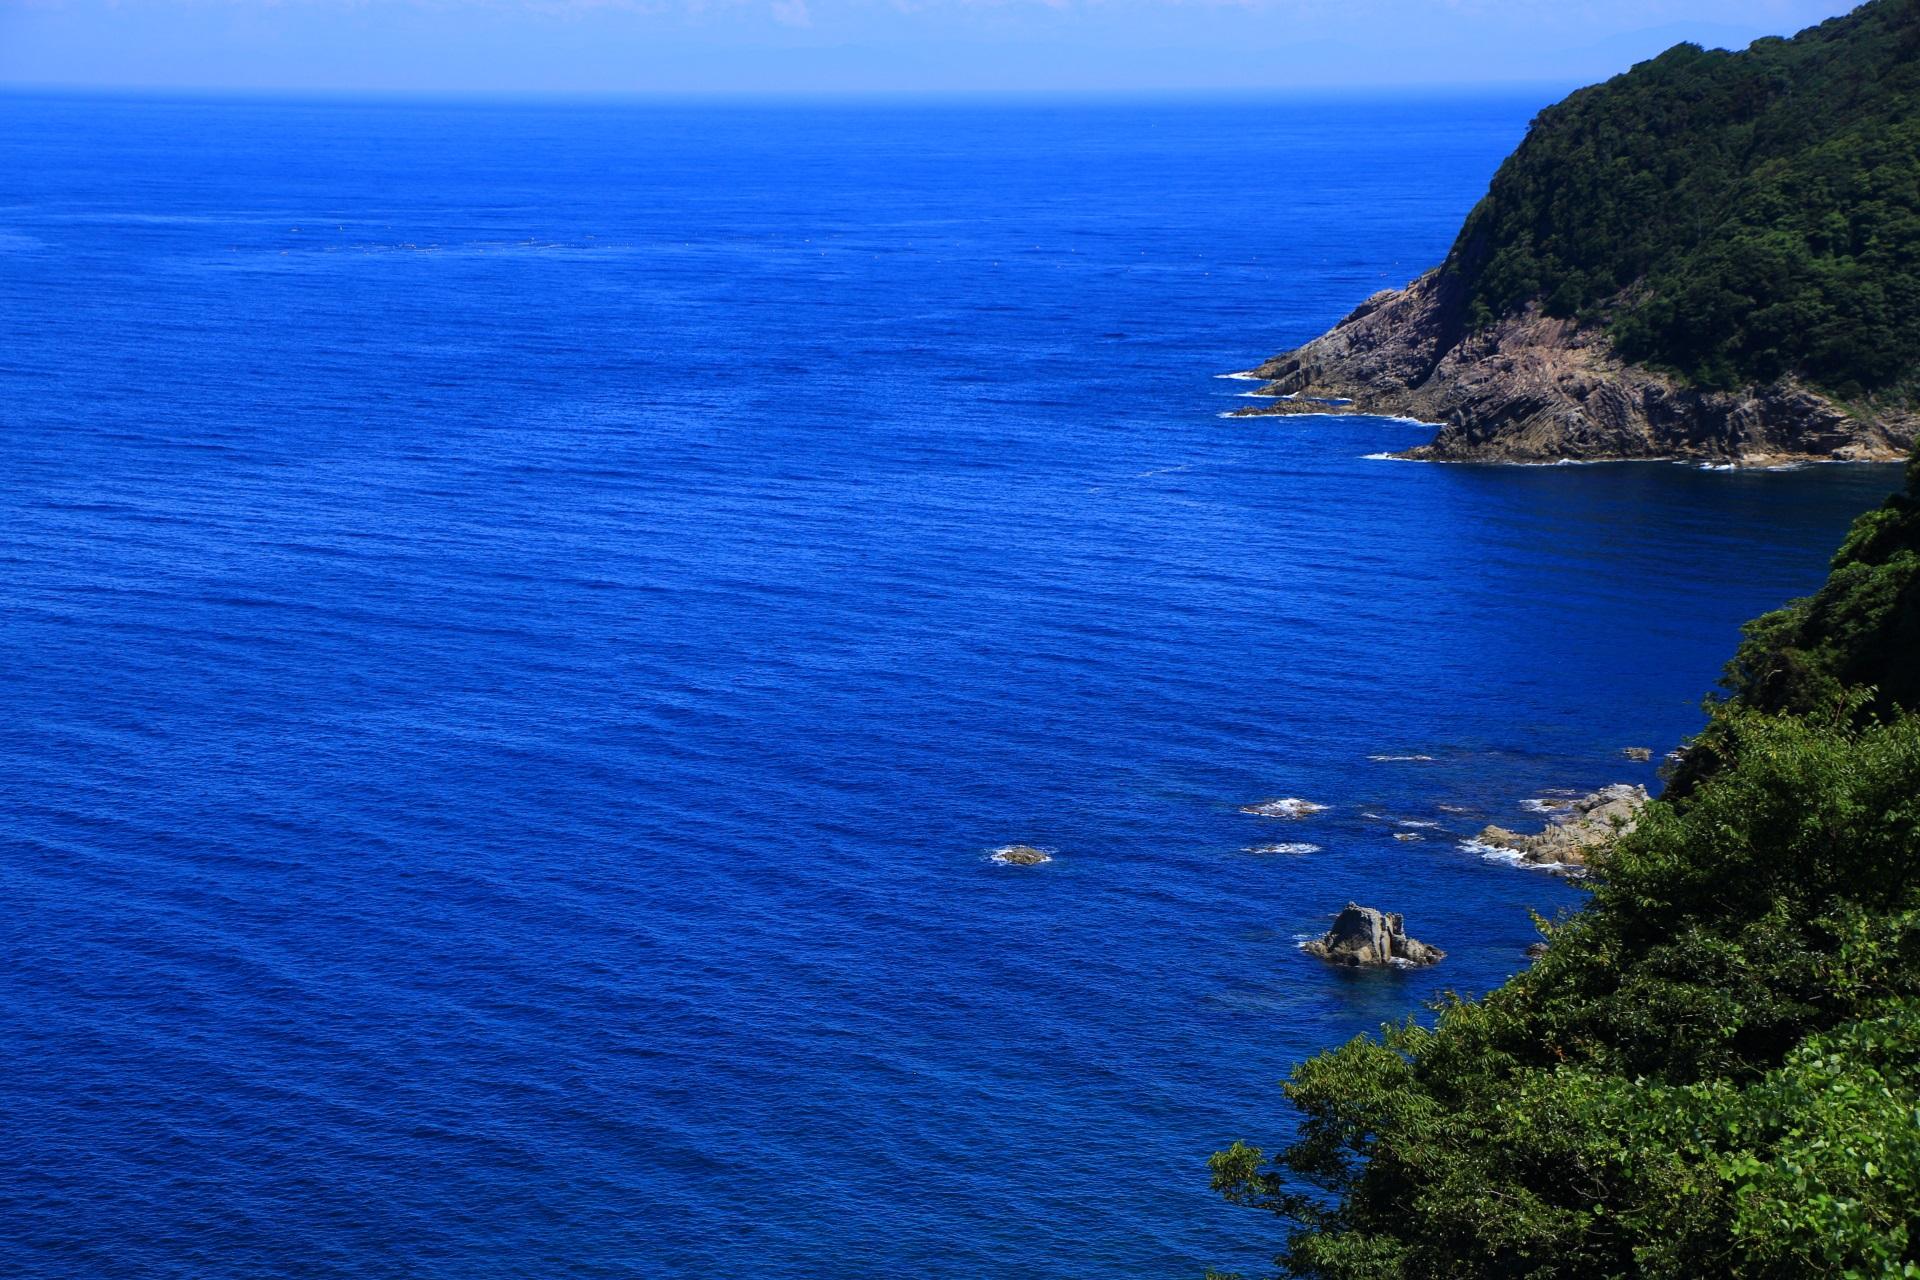 丹後半島の甲崎(さるざき)と丹後の海